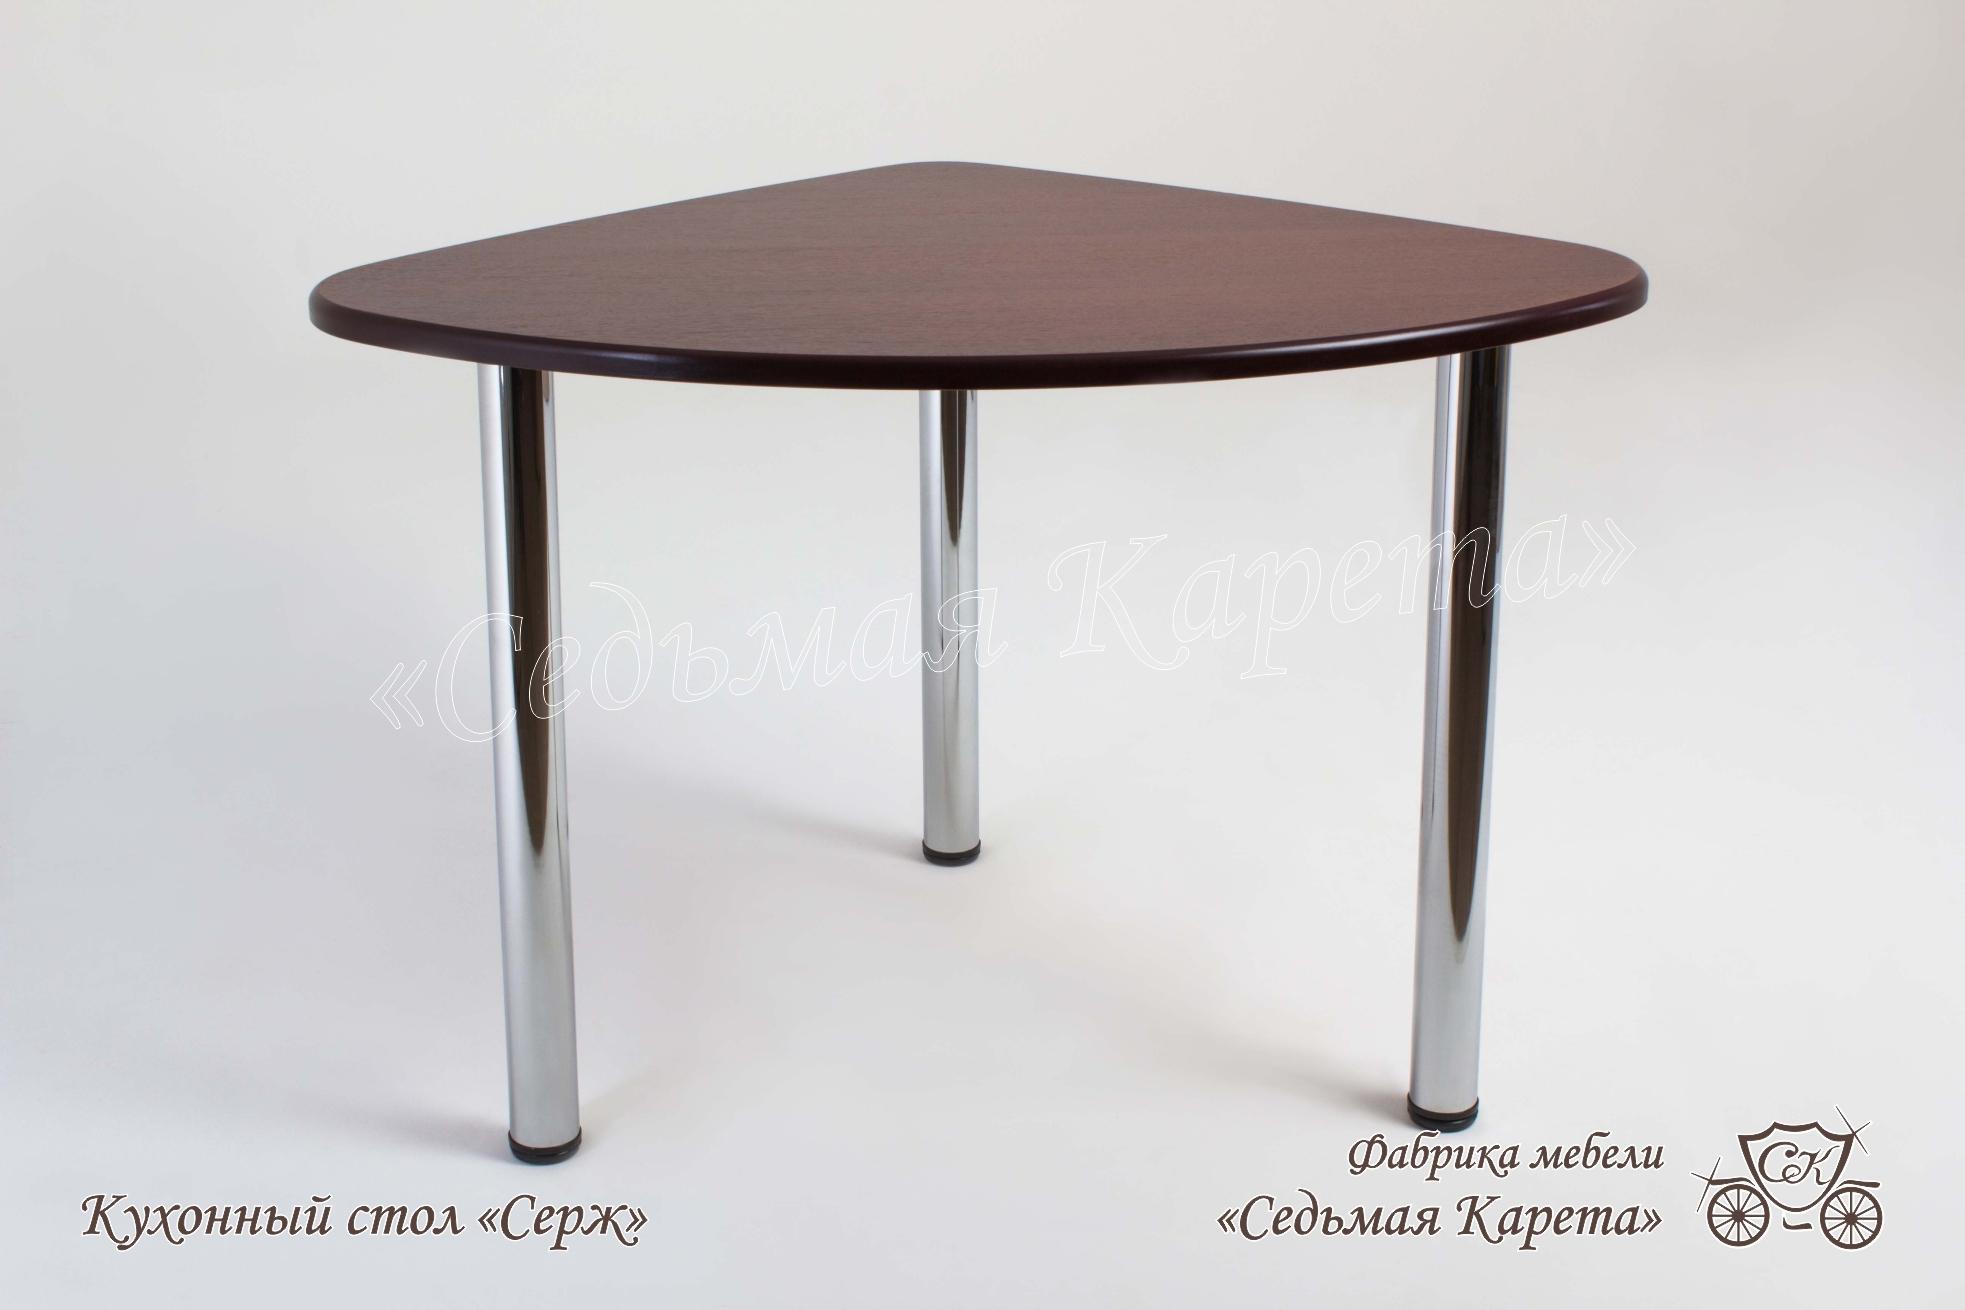 Кухонный стол Серж